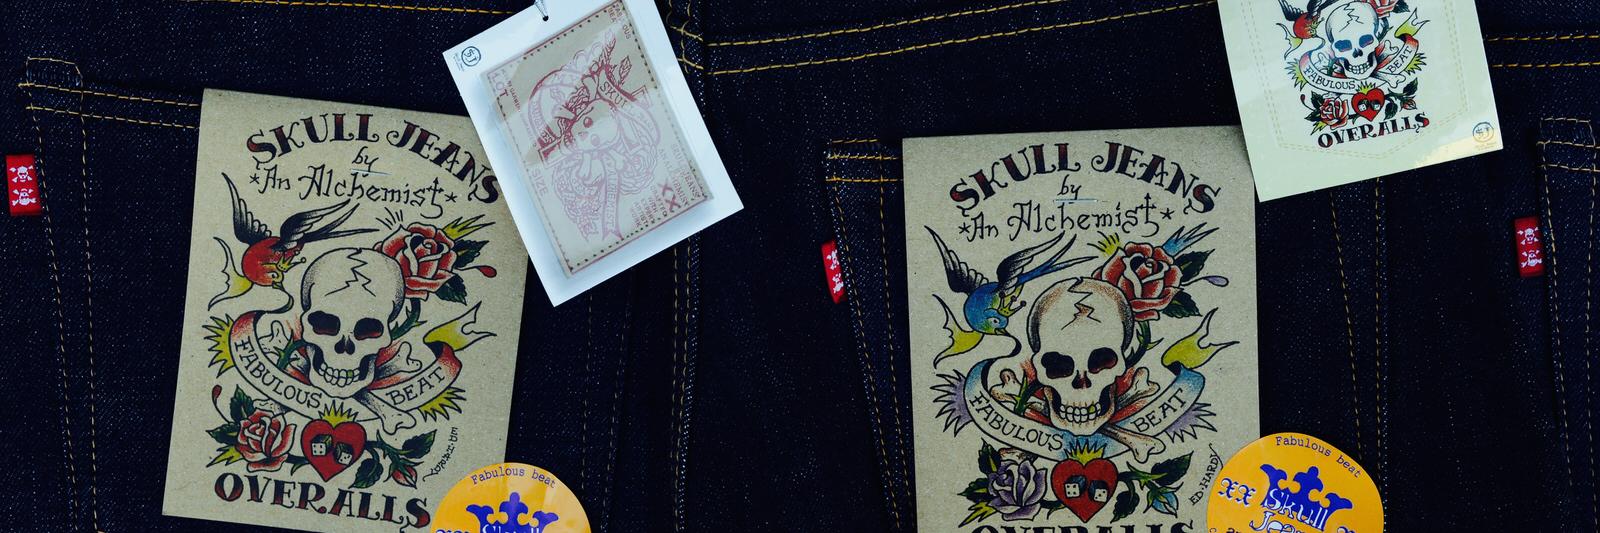 Skull Jeans